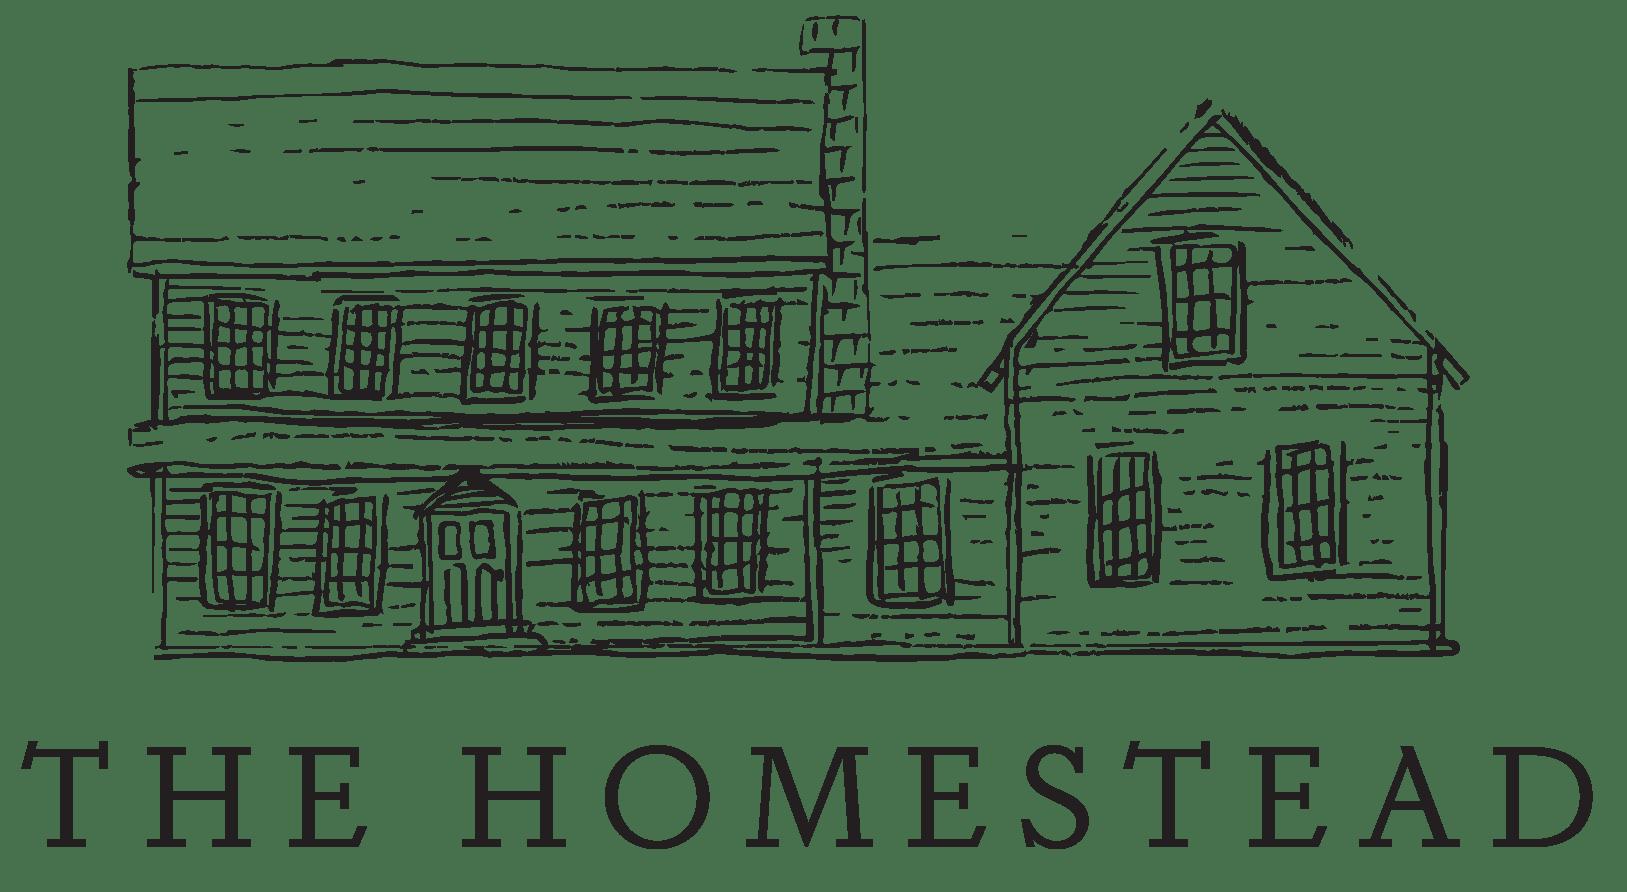 Homestead Buttery & Bakery company logo